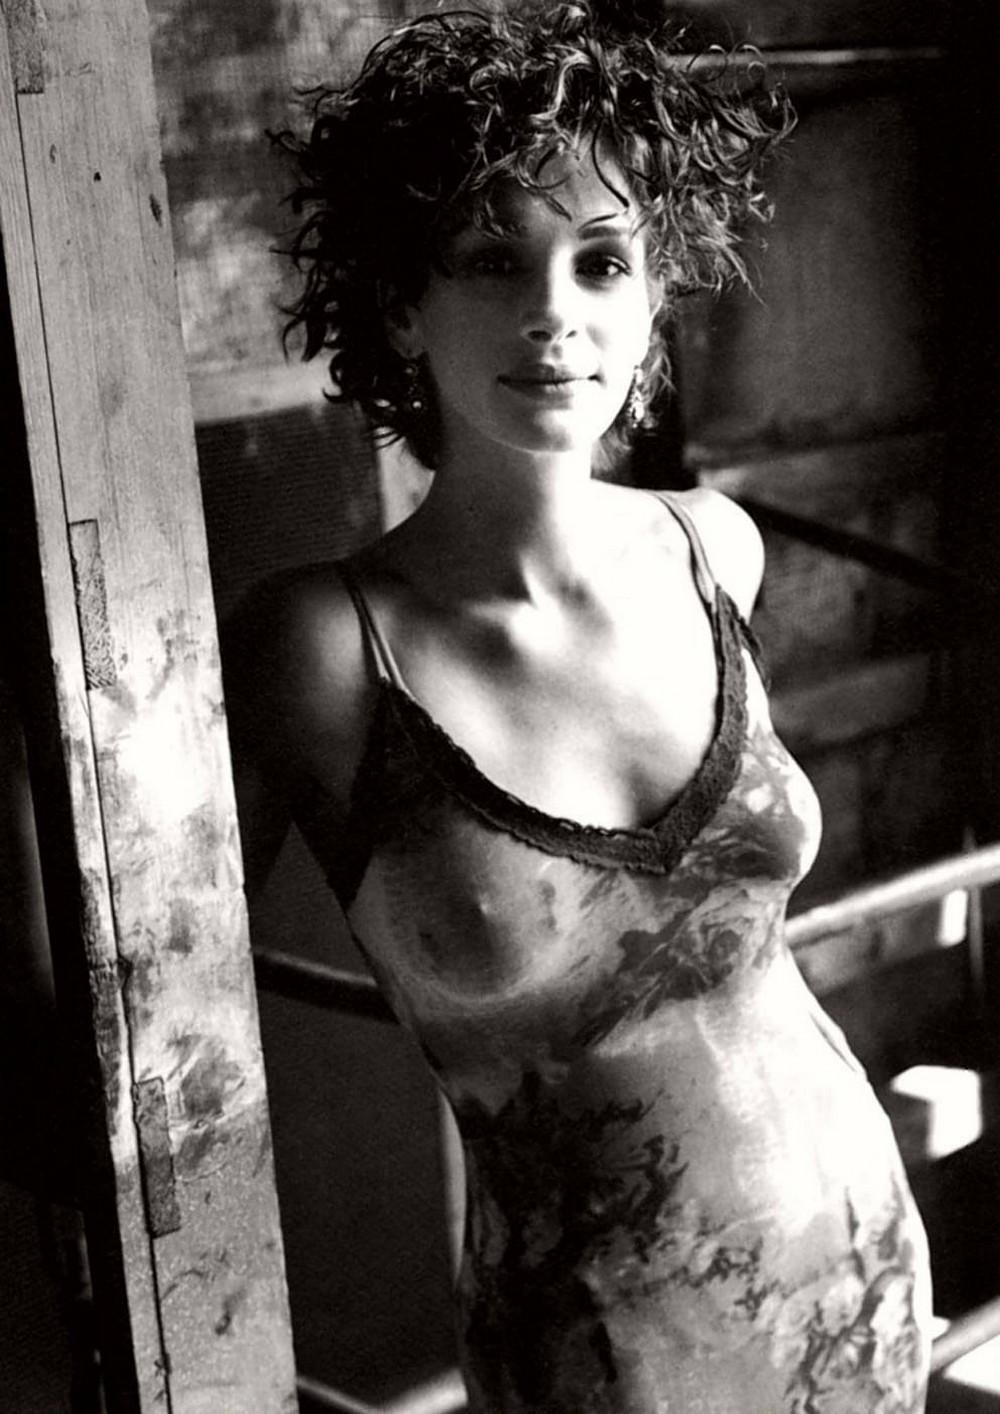 Чувственность женщин на снимках Санте Д'Орацио